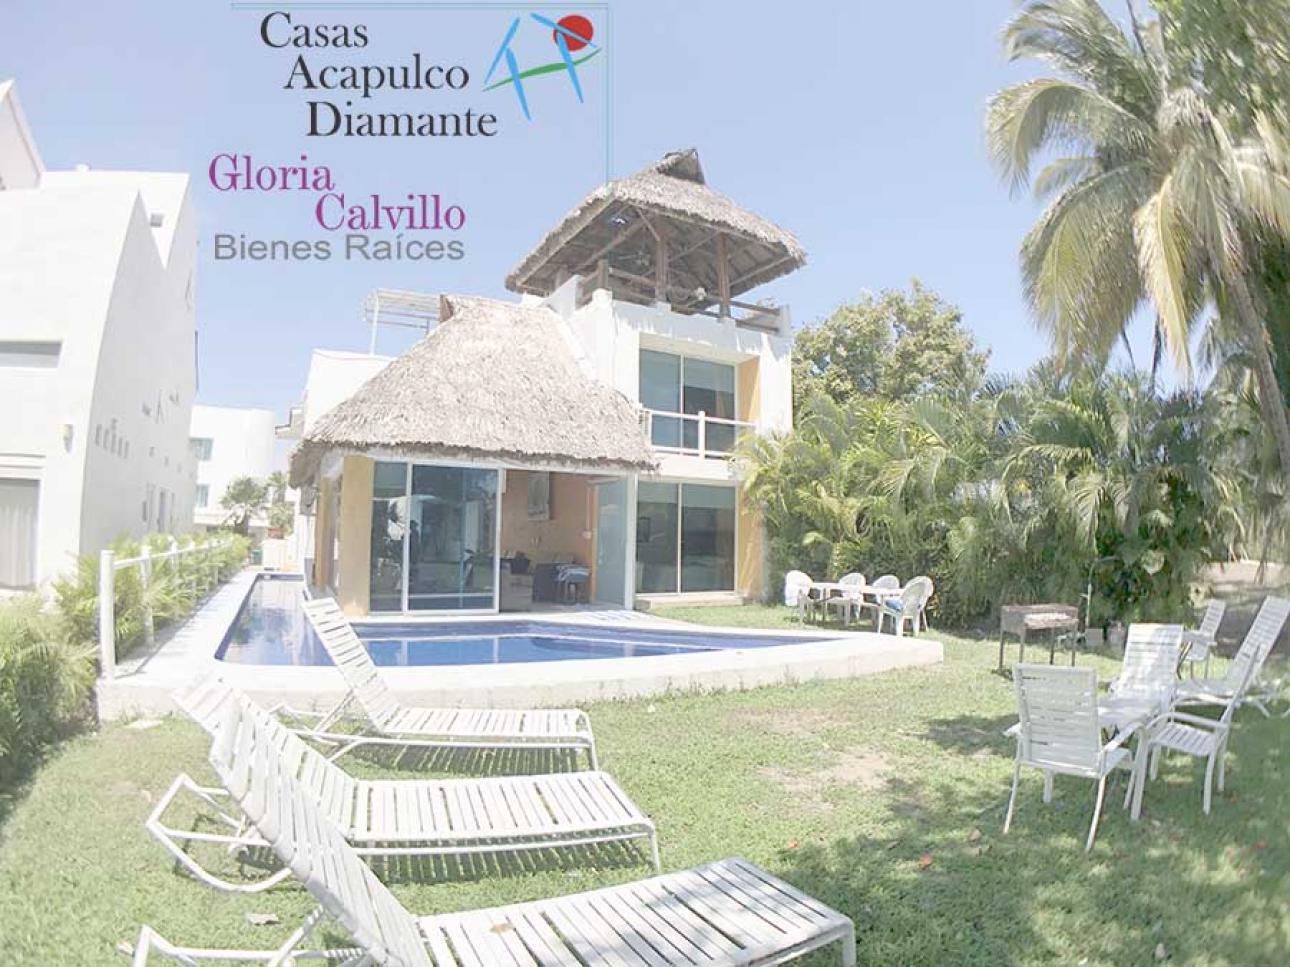 Venta de Casa 4 o mas recamaras en Acapulco Fraccionamiento Playa Diamante